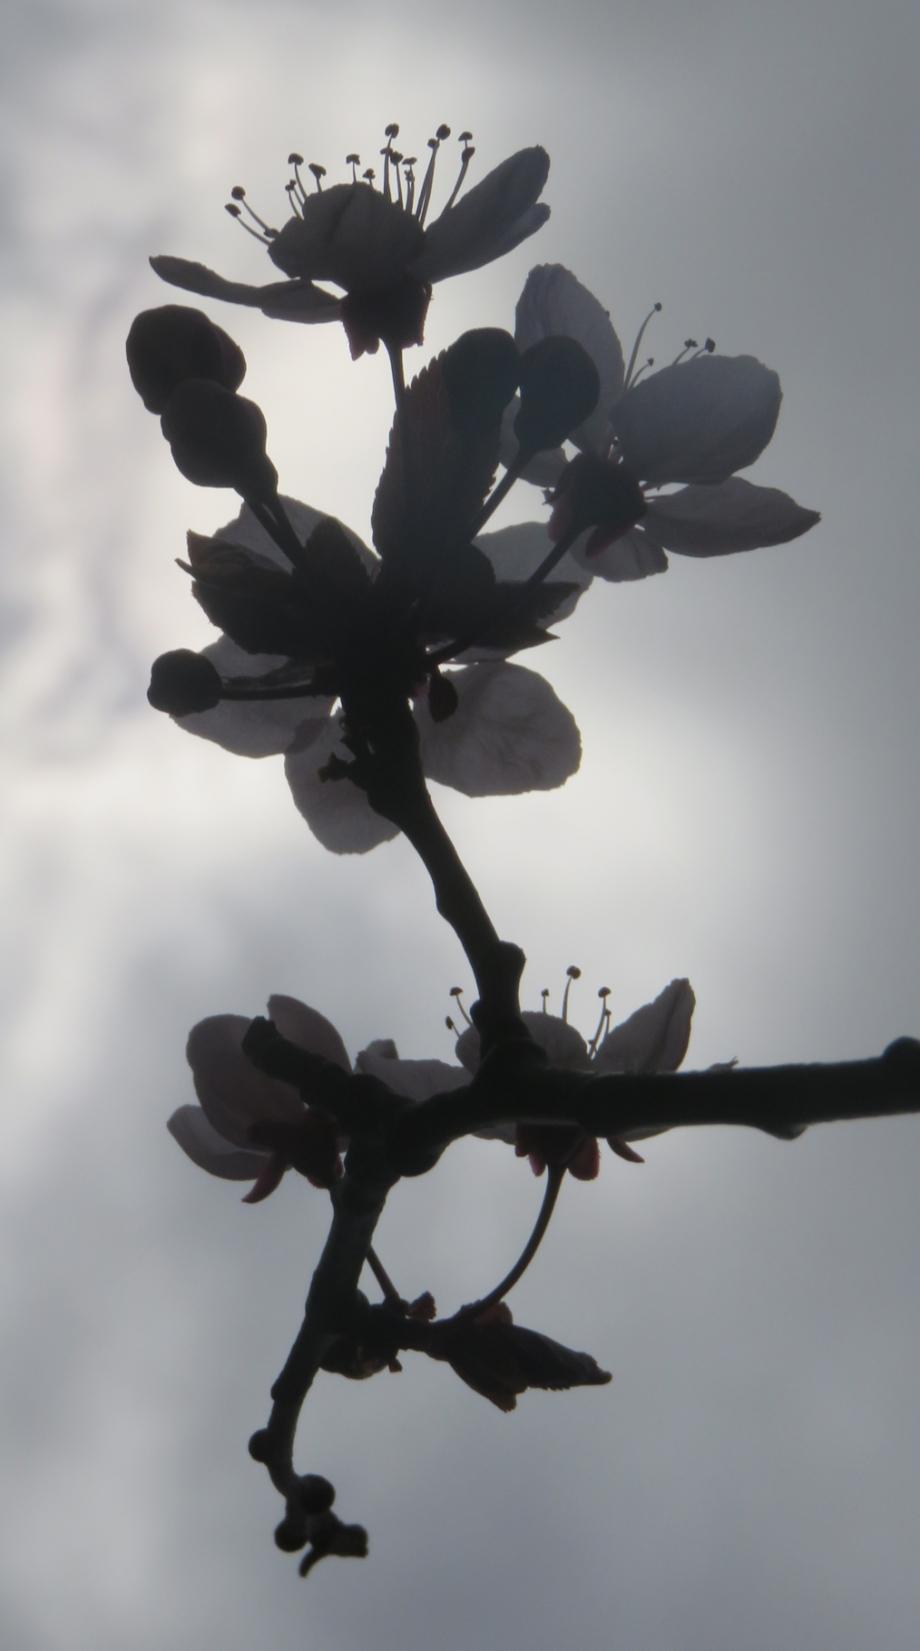 La Flora 26 02 2017 393pm.jpg